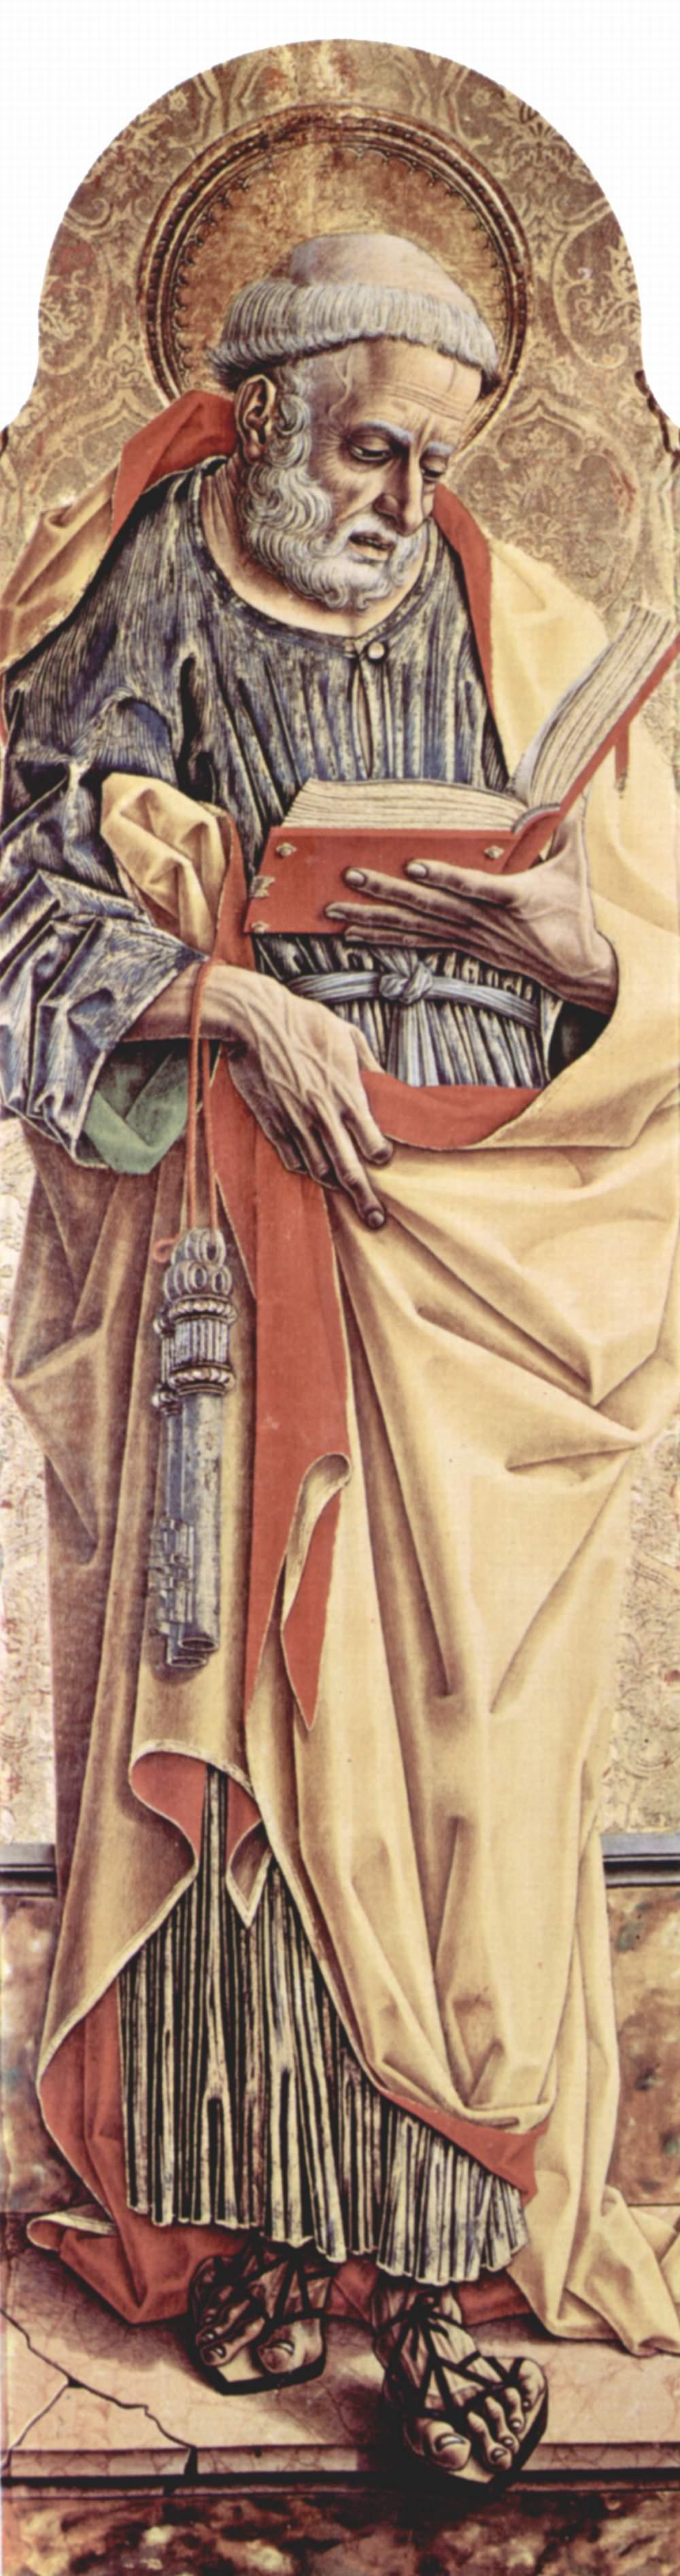 Центральный алтарь кафедрального собора в Асколи, полиптих, левая створка внешняя сторона  св. Петр, Карло Кривелли